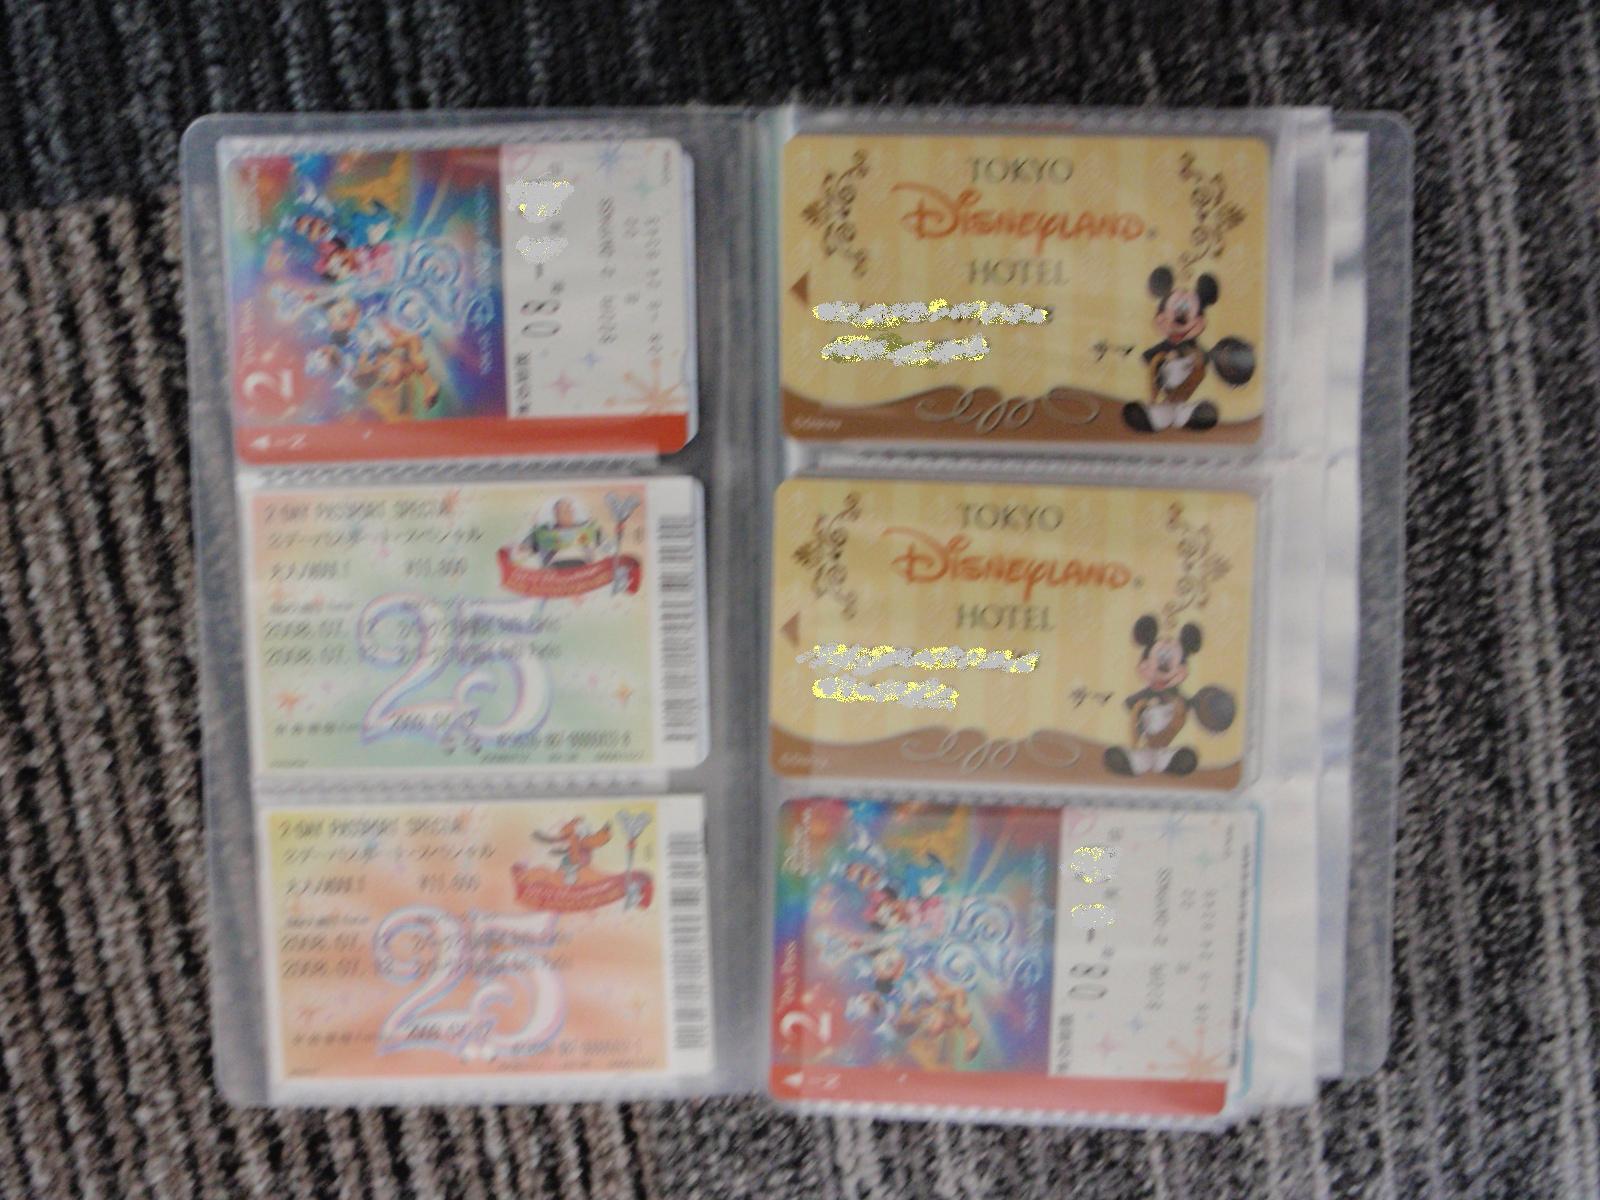 ディズニー チケット 旅行 | 7331 イラス